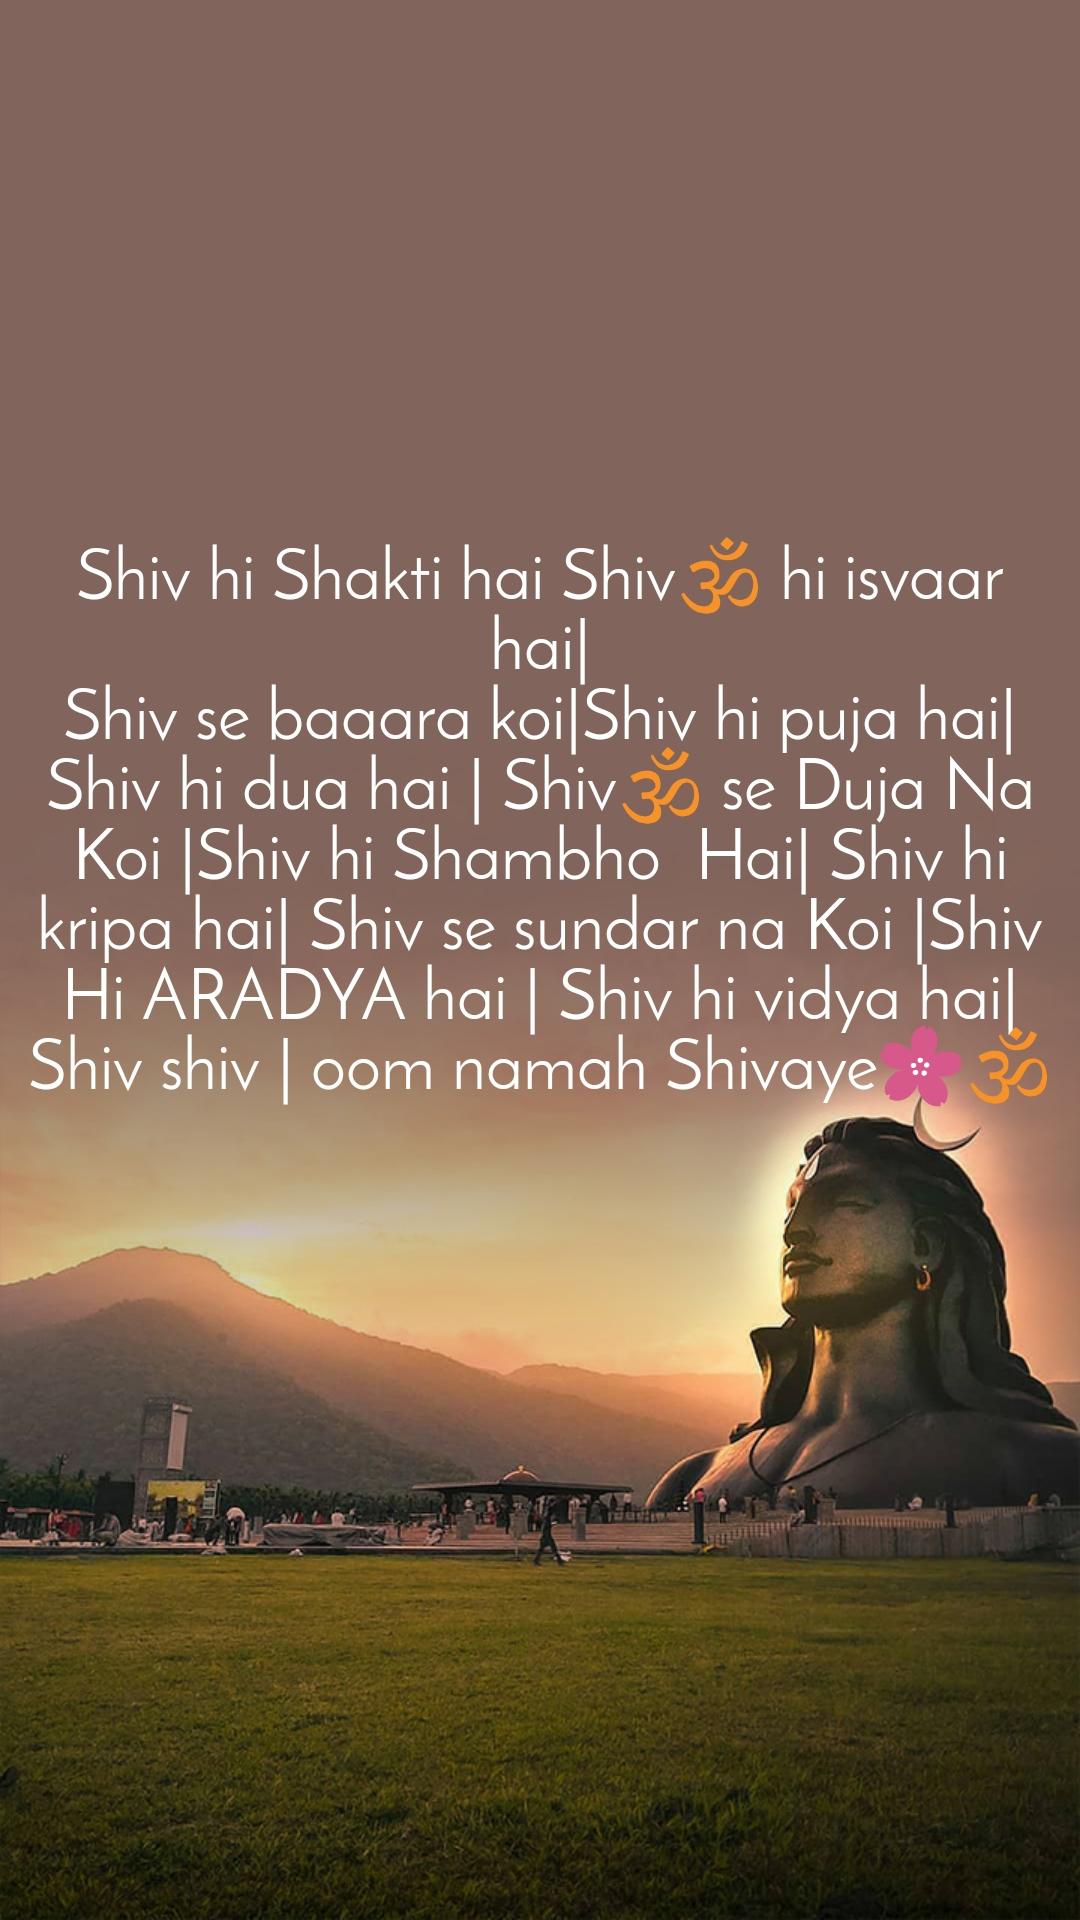 Shiv hi Shakti hai Shiv🕉️ hi isvaar hai| Shiv se baaara koi|Shiv hi puja hai| Shiv hi dua hai | Shiv🕉️ se Duja Na Koi |Shiv hi Shambho  Hai| Shiv hi kripa hai| Shiv se sundar na Koi |Shiv Hi ARADYA hai | Shiv hi vidya hai| Shiv shiv | oom namah Shivaye🌸🕉️